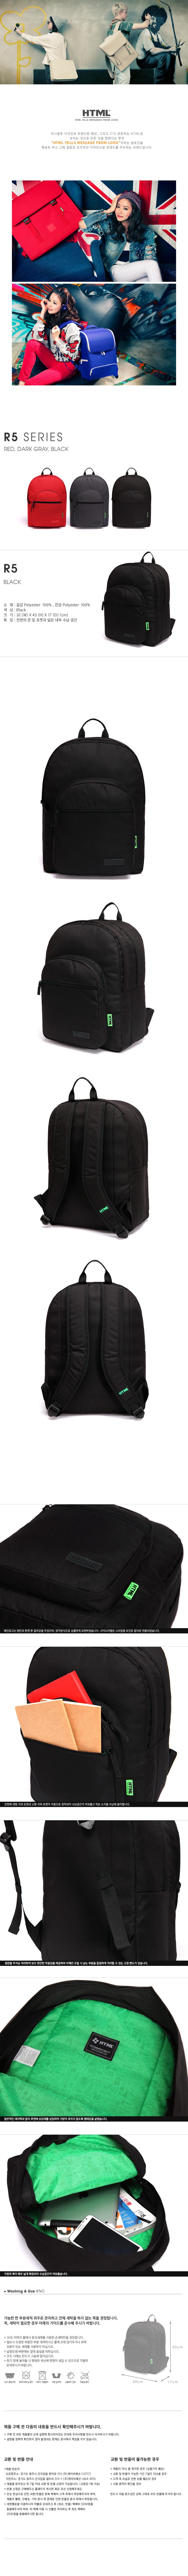 [에이치티엠엘]HTML- R5 Backpack (Black)_백팩